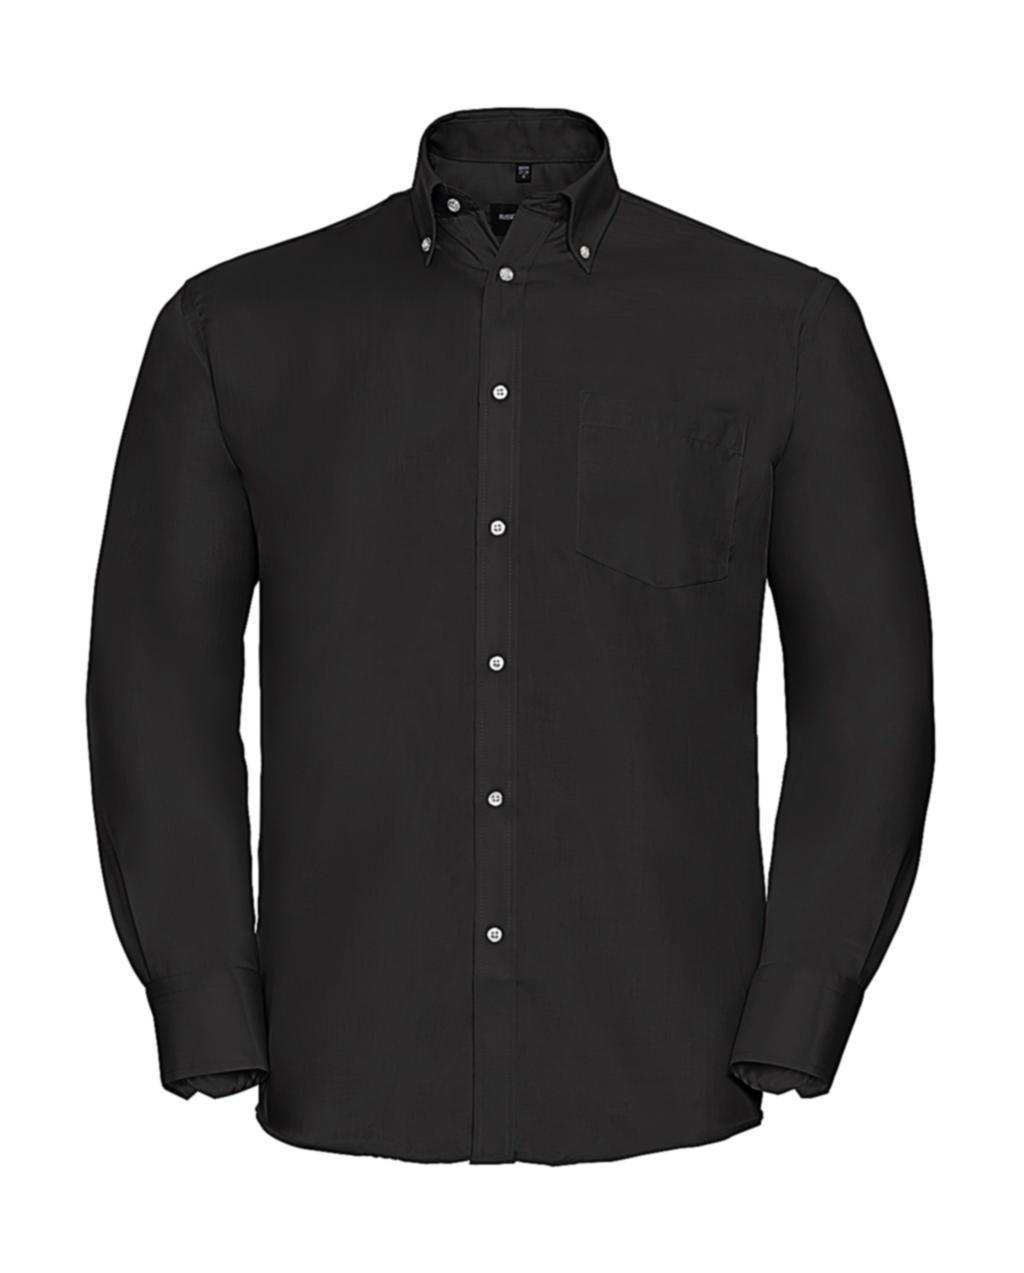 Pánská košile Ultimate Non-iron s dlouhými rukávy - zvìtšit obrázek